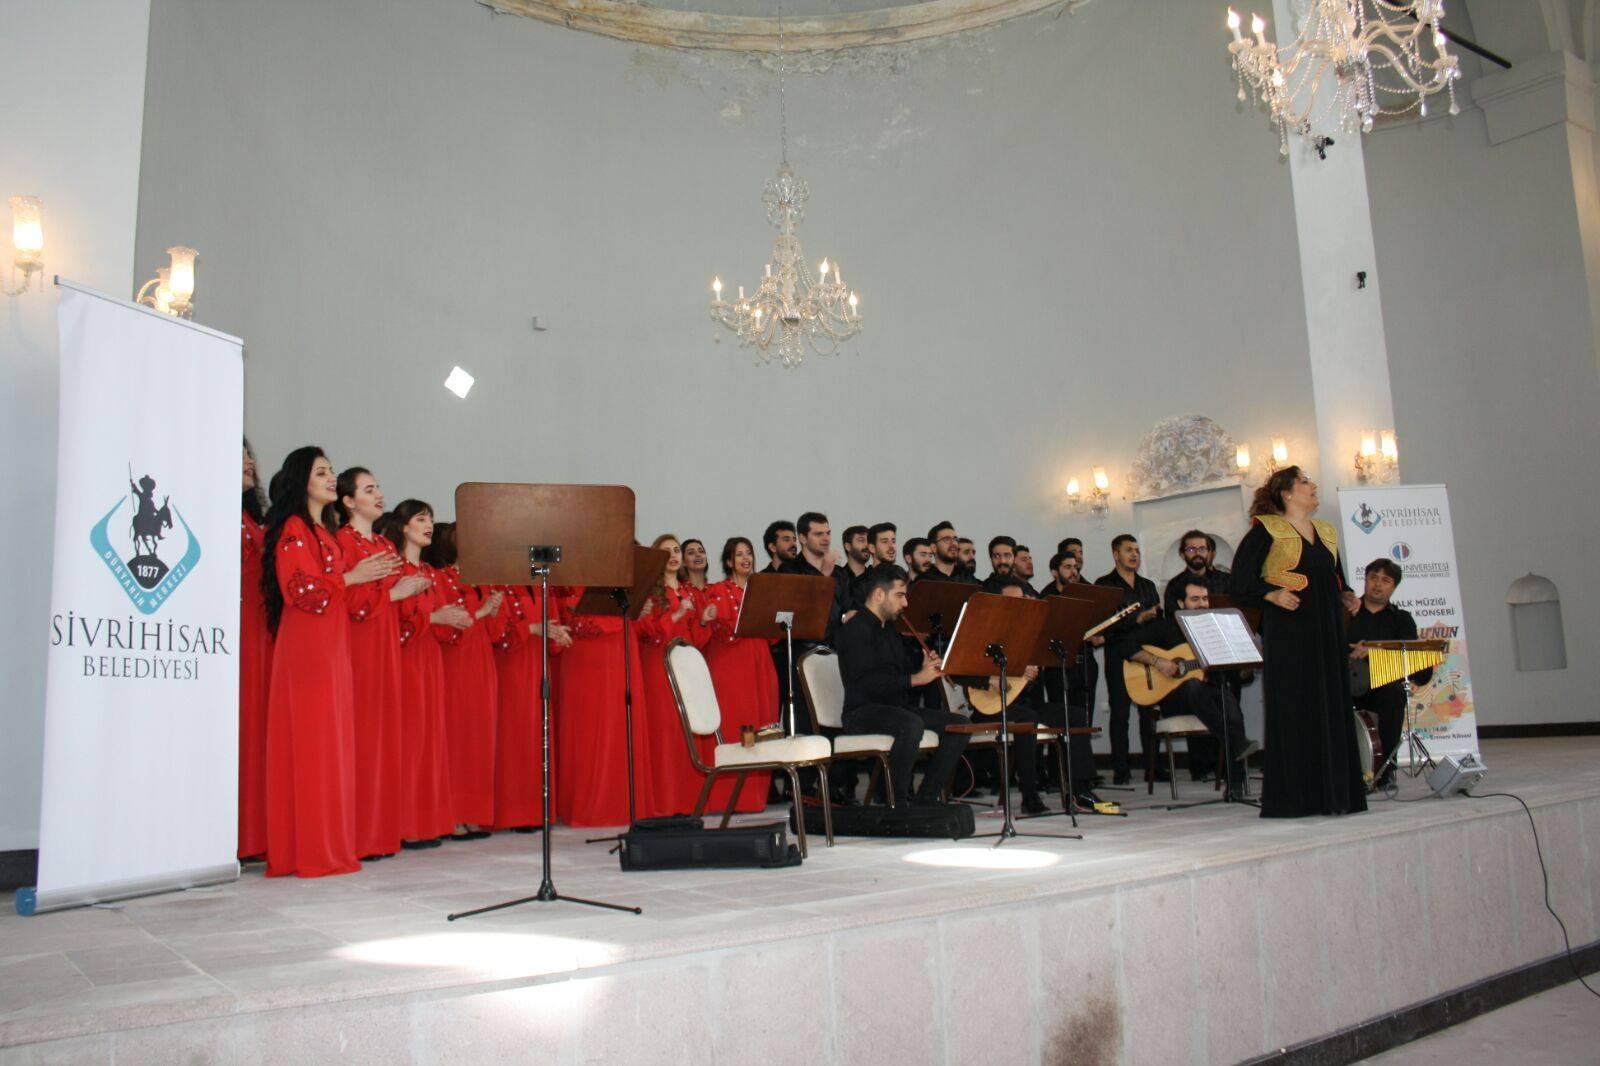 """Sivrihisar Belediyesi ve Anadolu Üniversitesi Halk Bilim ve Araştırmaları Merkezi tarafından düzenlenen Türk Halk Müziği Topluluğu """"Anadolu'nun Türküleri"""" konseri ilçemizde müzikseverlere keyifli bir müzik ziyafeti yaşattı."""